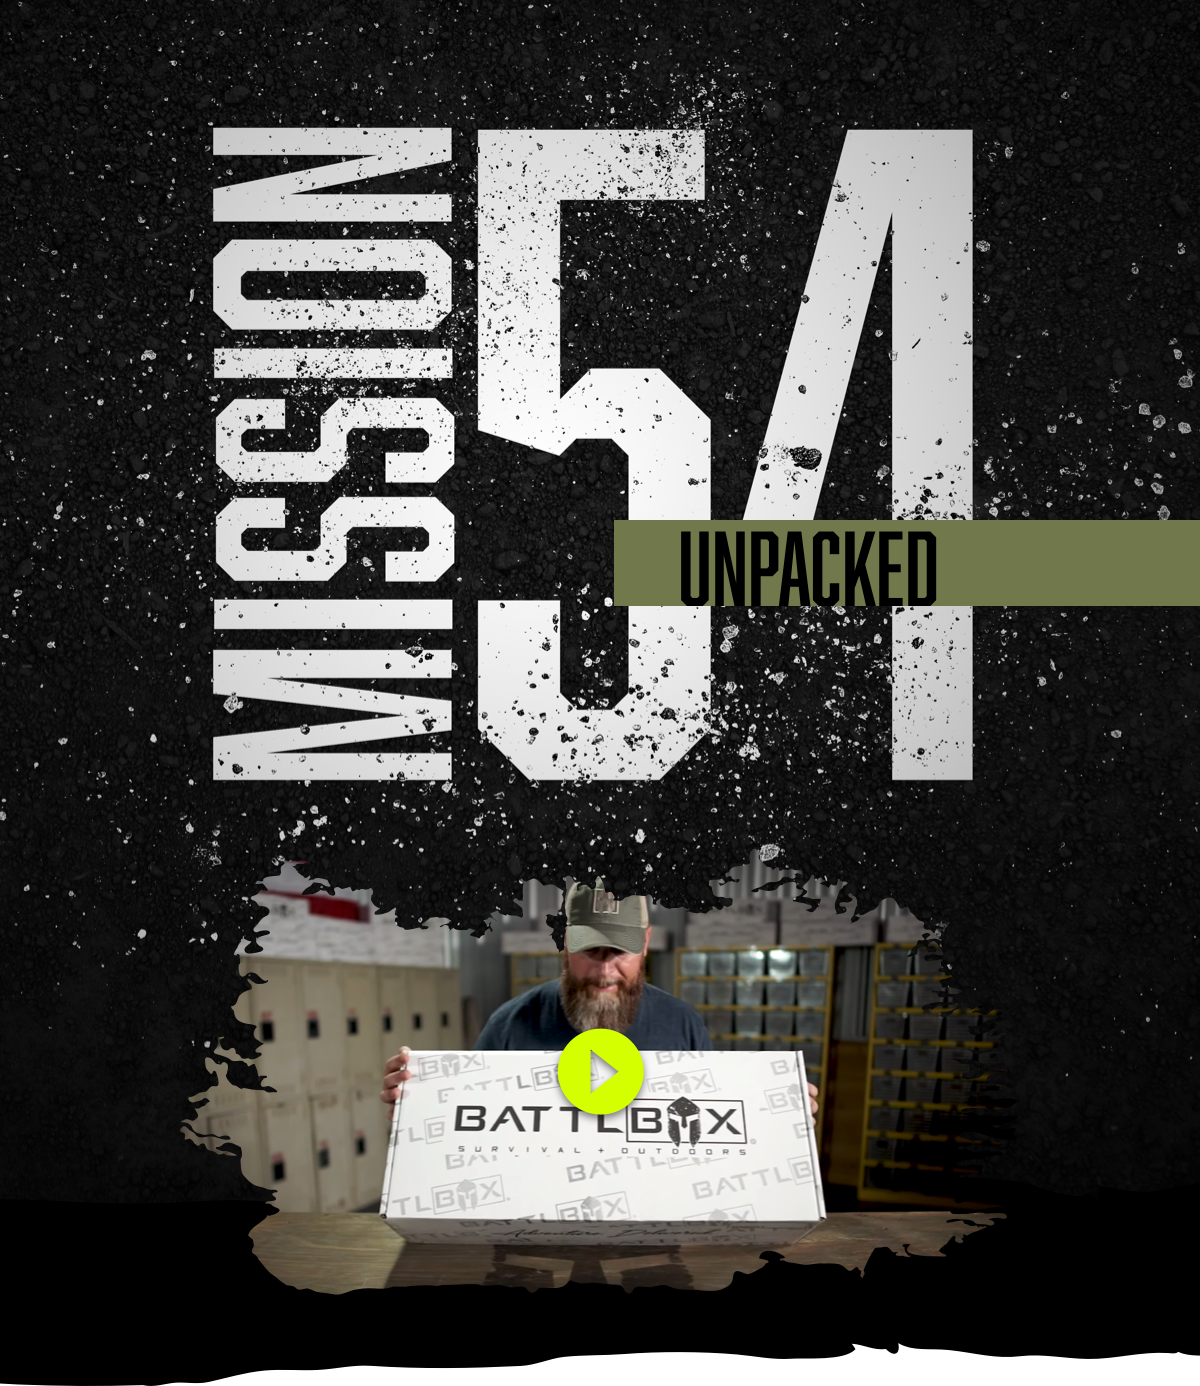 Mission 54 Breakdown